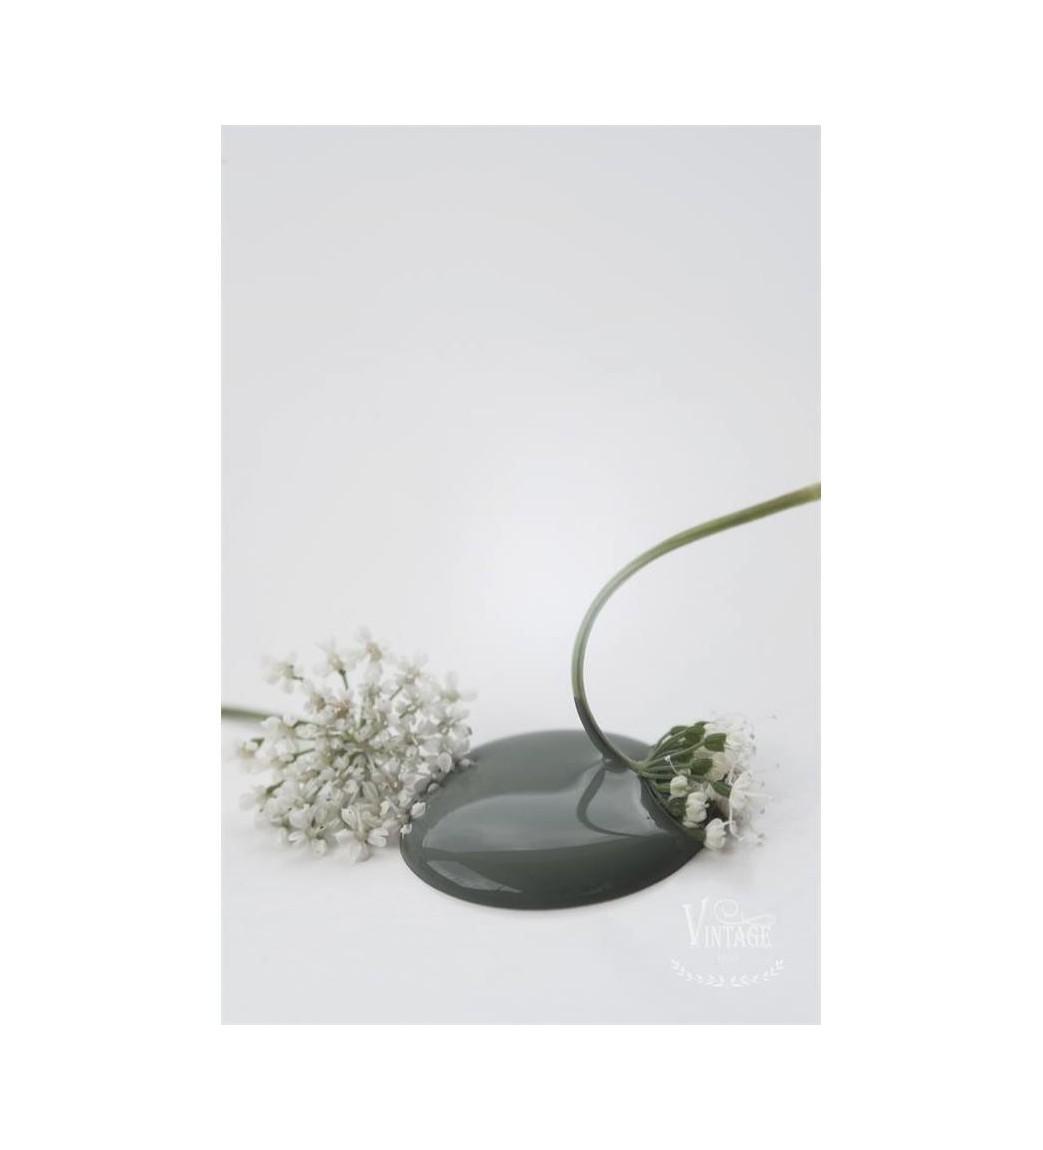 Kalkmaling Dusty olive 100 ml.  - 1